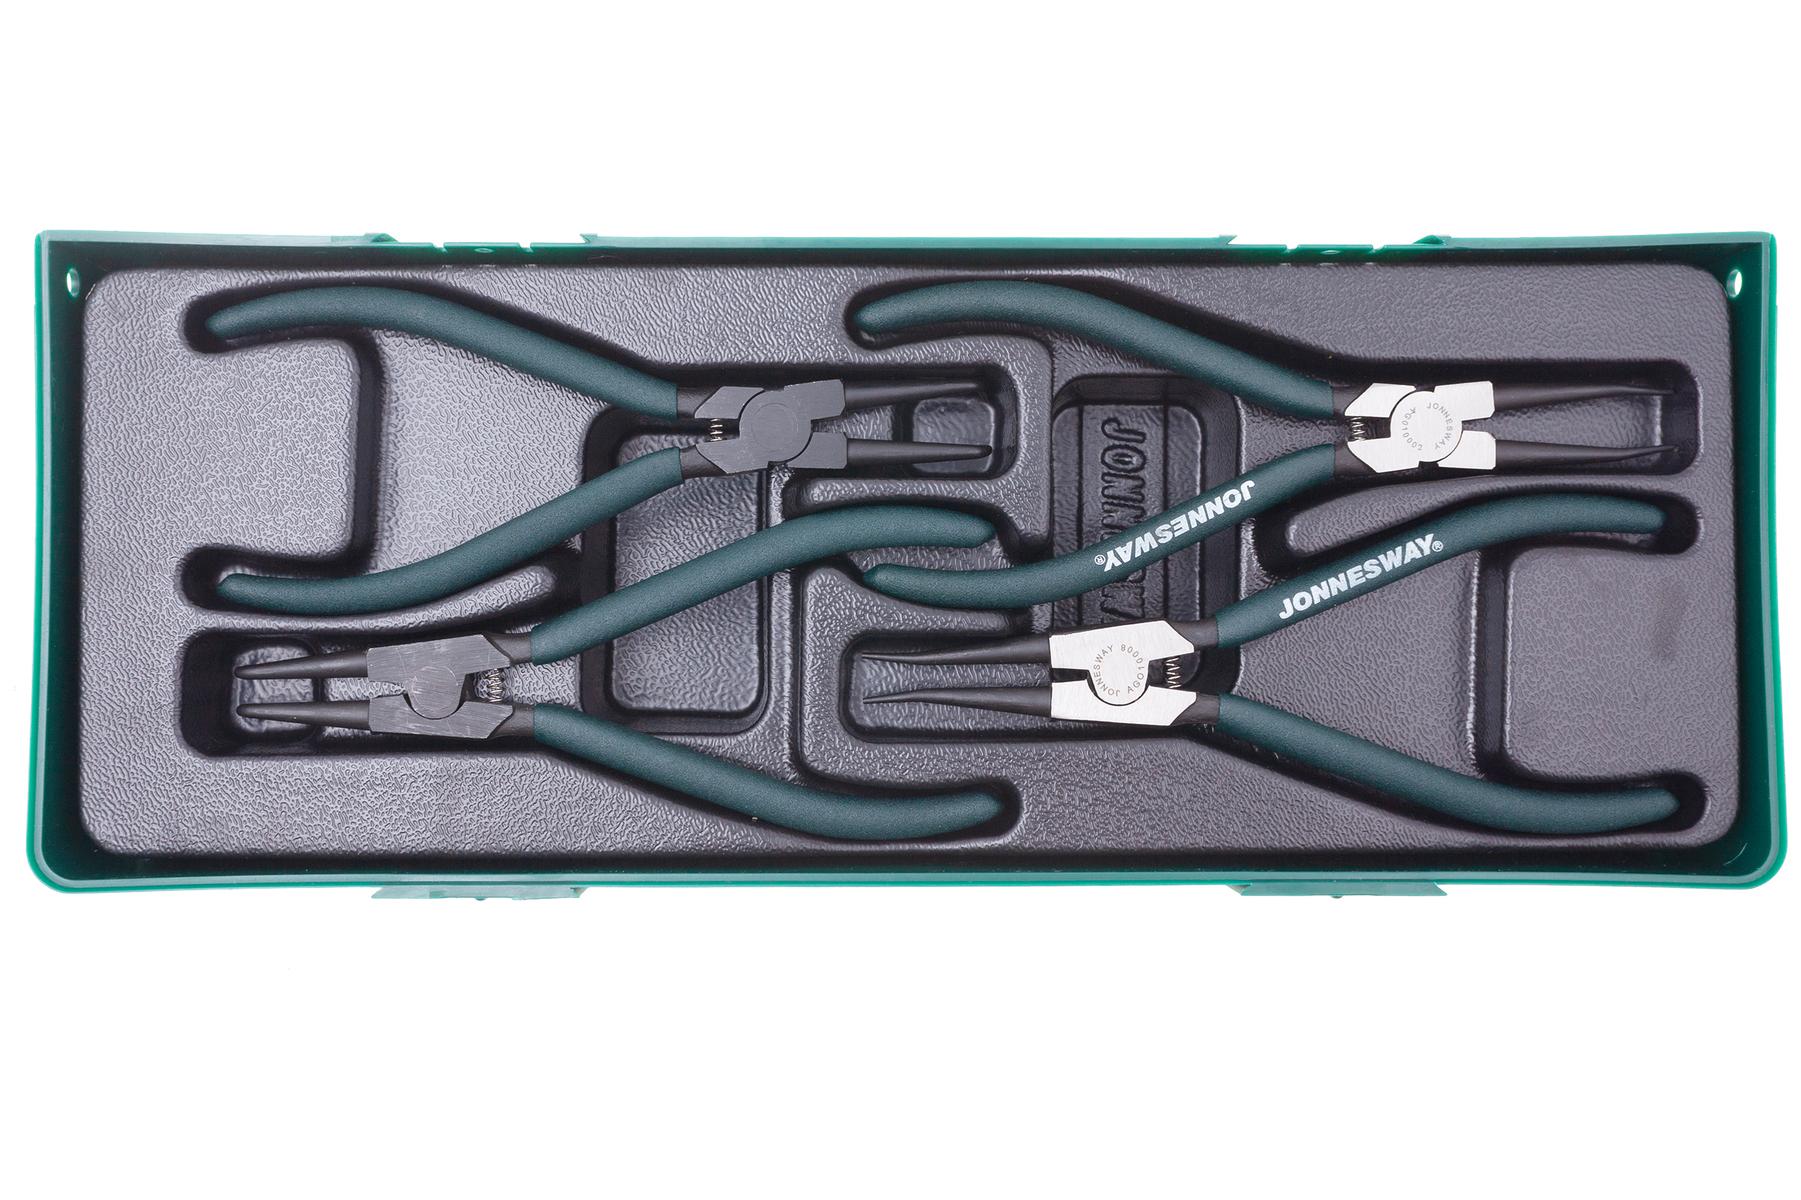 Sada kleští seger 180 mm, vnějších a vnitřních, 4 kusy, v kazetě - JONNESWAY AG010002SP